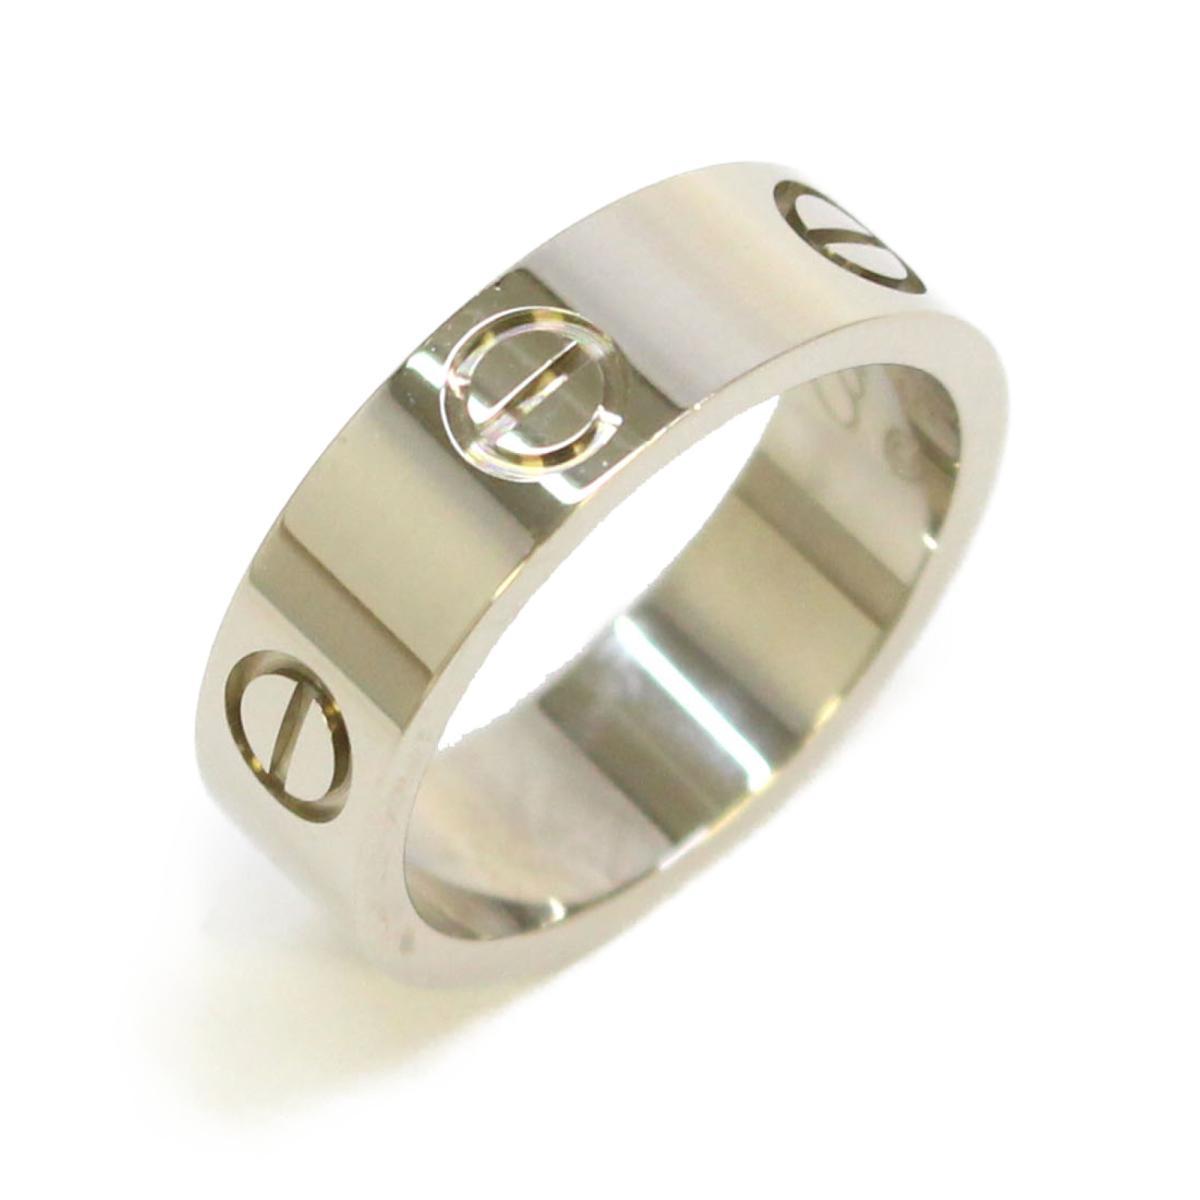 【中古】 カルティエ ラブリング リング 指輪 レディース K18WG (750) ホワイトゴールド シルバー | Cartier BRANDOFF ブランドオフ ブランド ジュエリー アクセサリー